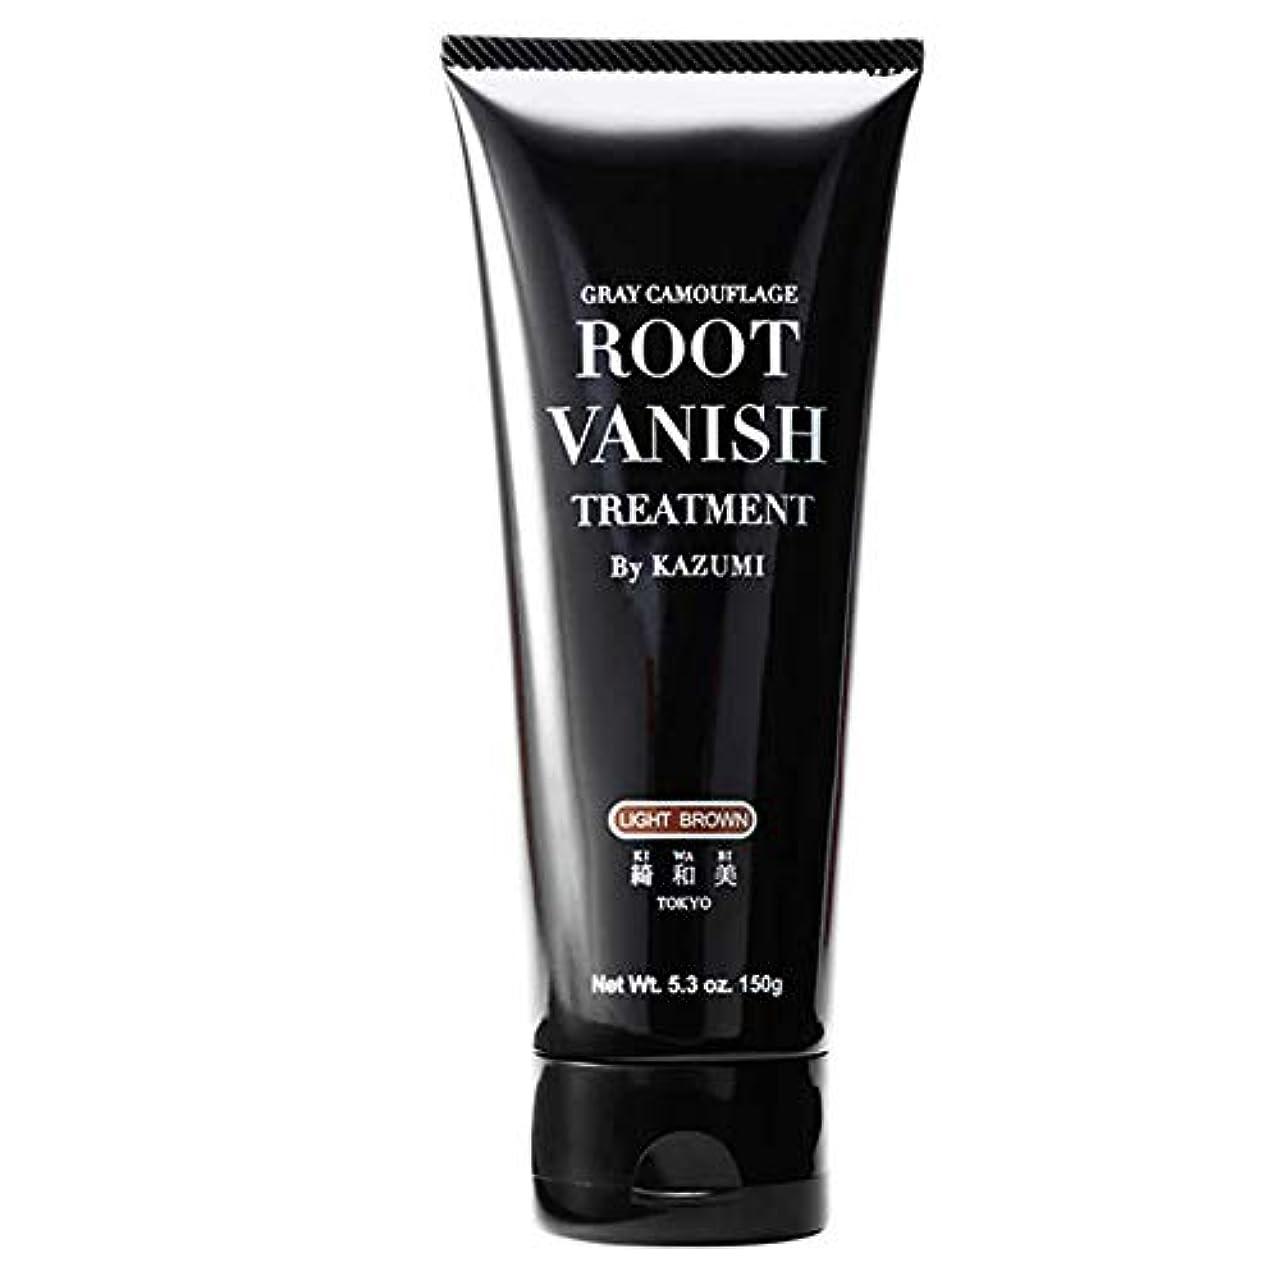 フォークソーシャル悲惨Root Vanish 白髪染め (ライトブラウン) ヘアカラートリートメント 女性用/男性用 [100%天然成分/無添加22種類の植物エキス配合]